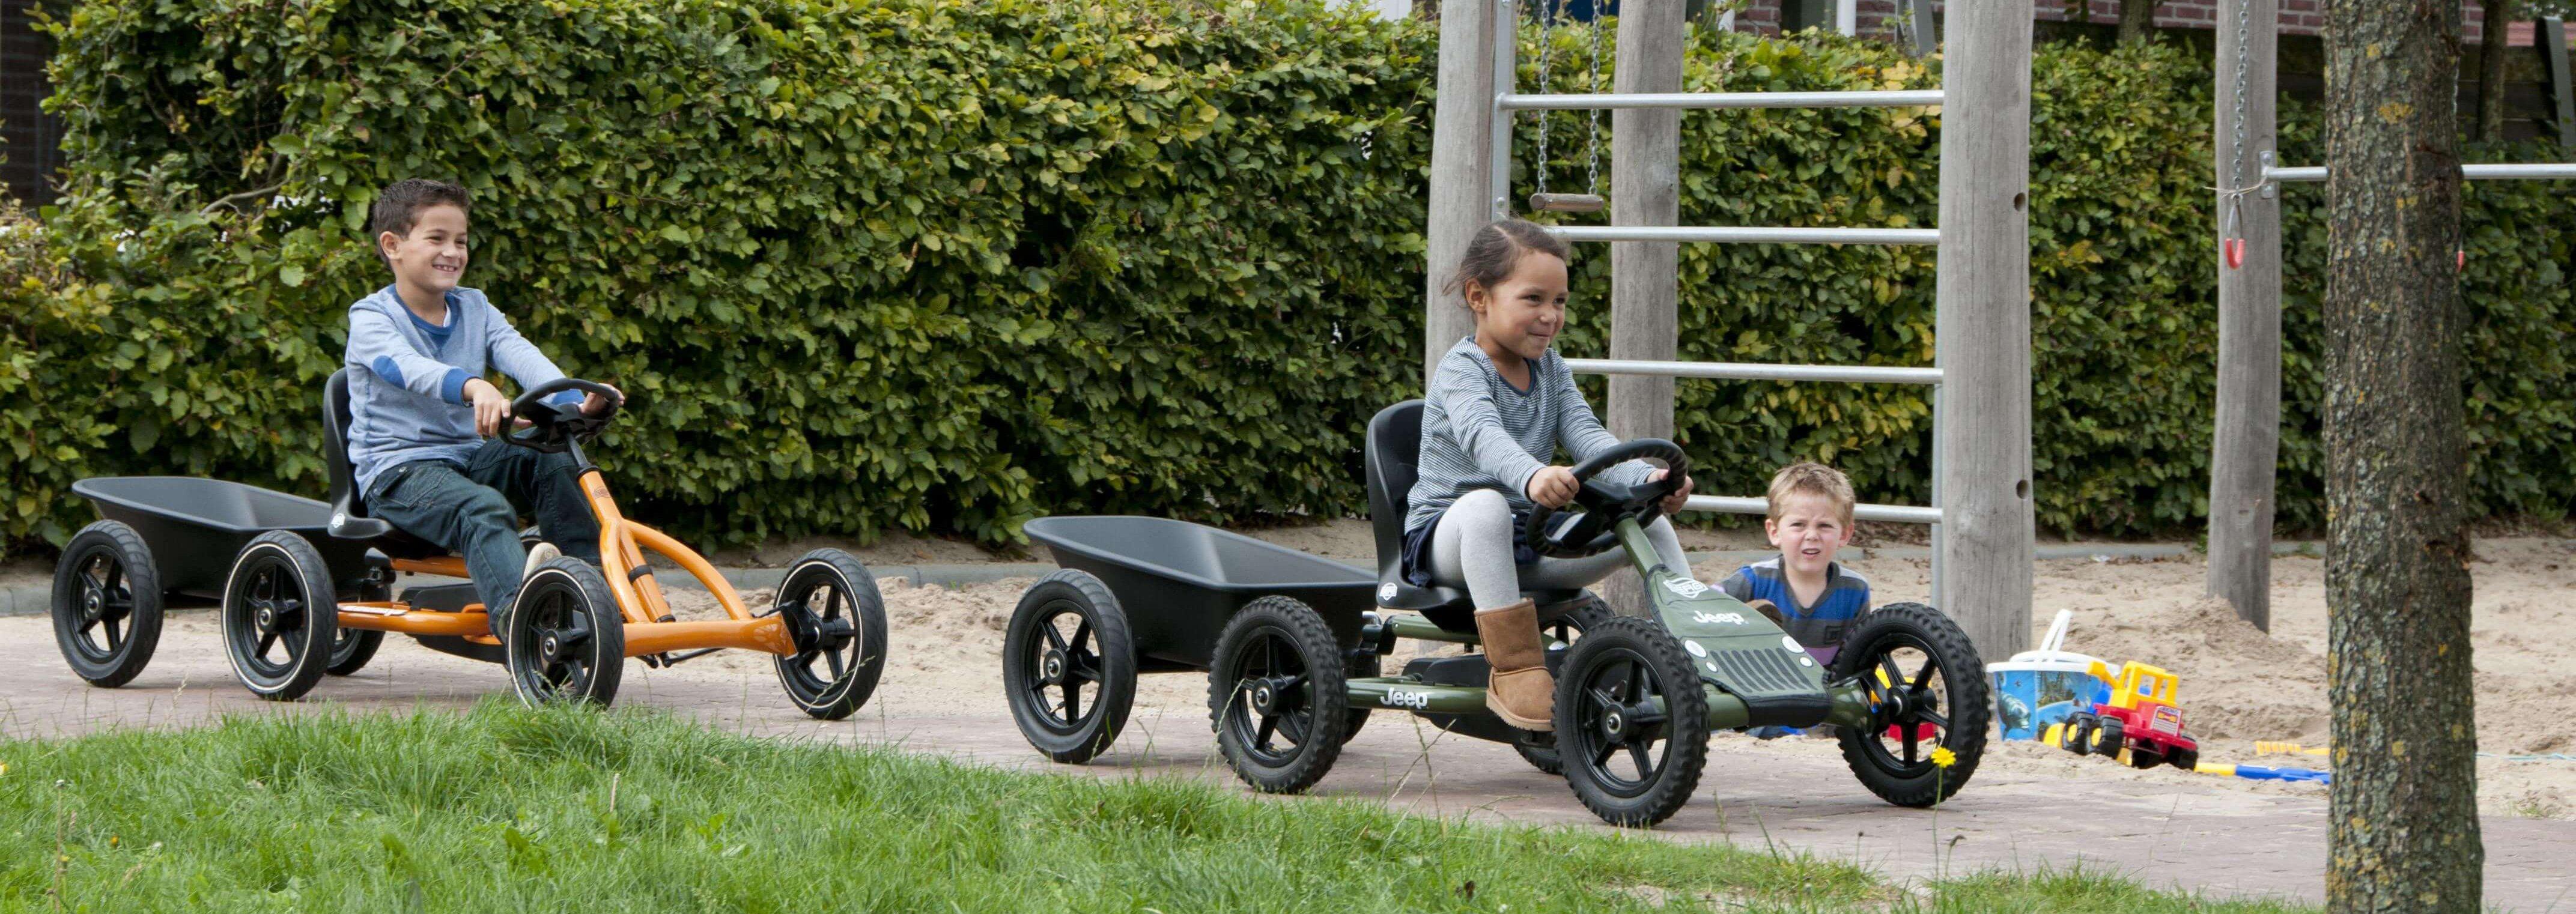 BERG Buddy und Anhänger - BERG Toys Sicherheit kaufen auf GOKART PROFI